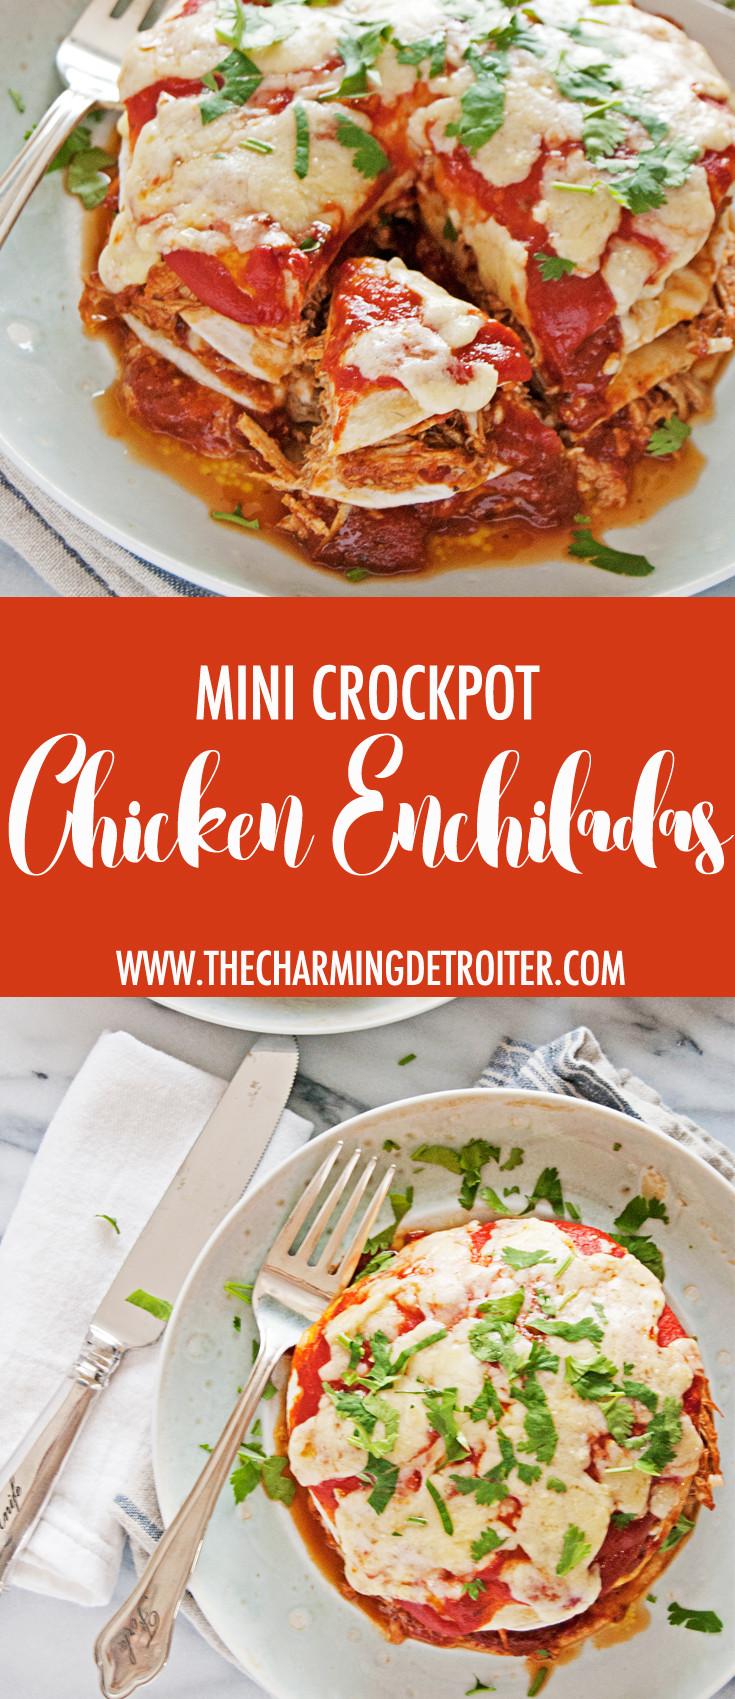 Crockpot Chicken Enchiladas Healthy  slow cooker shredded chicken for enchiladas